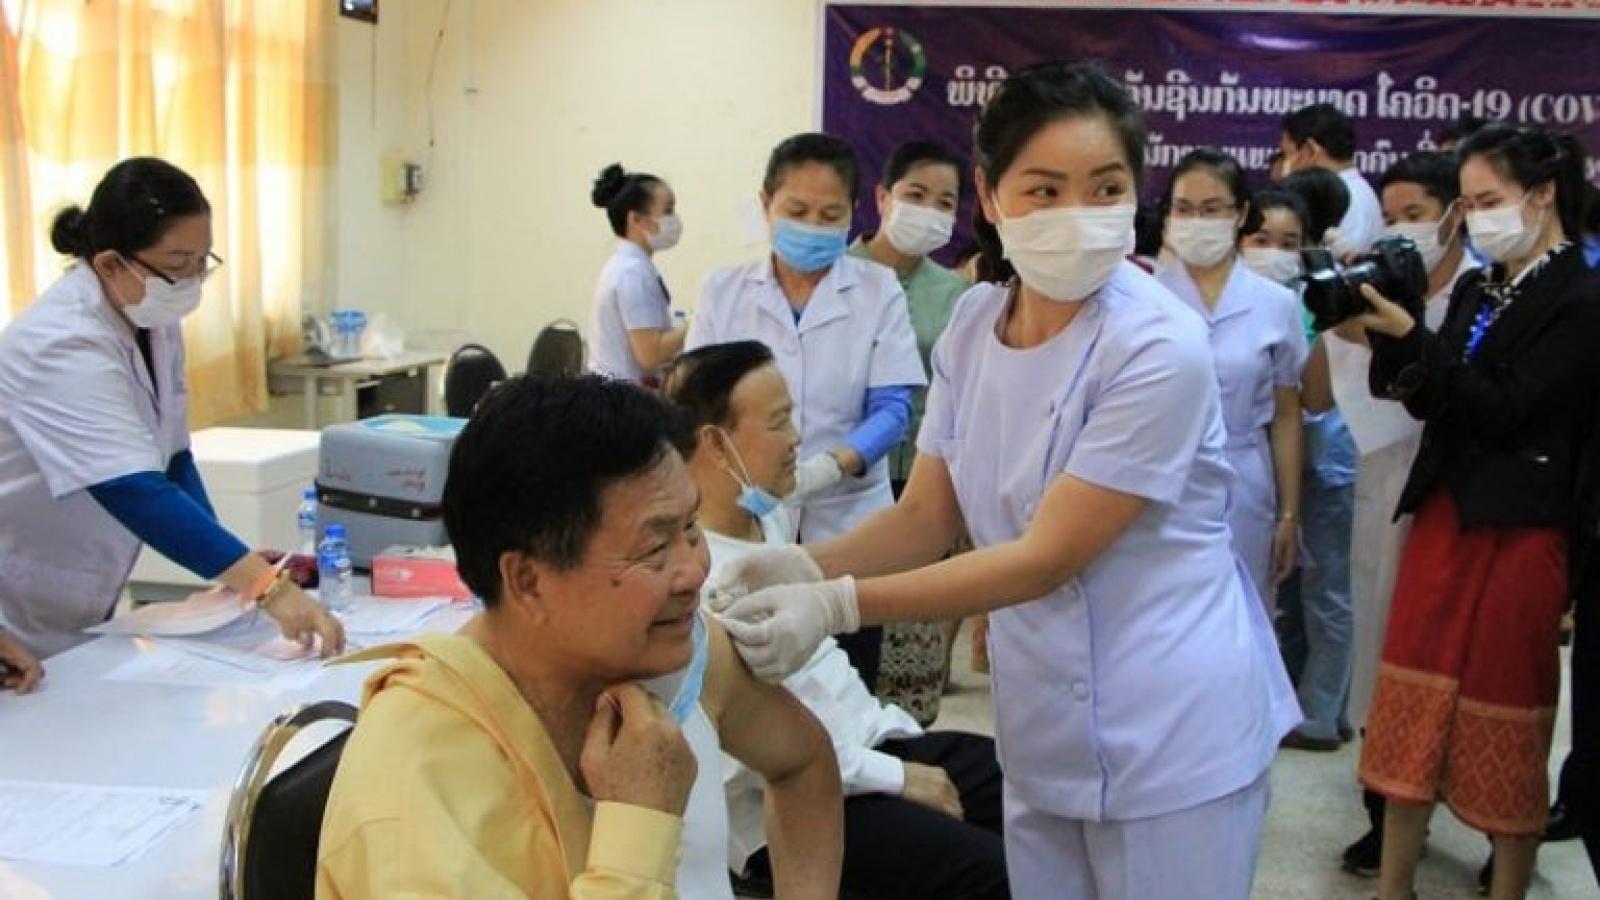 Hơn 600 người trên tuyến đầu chống dịch ở Lào được tiêm vaccine Covid-19